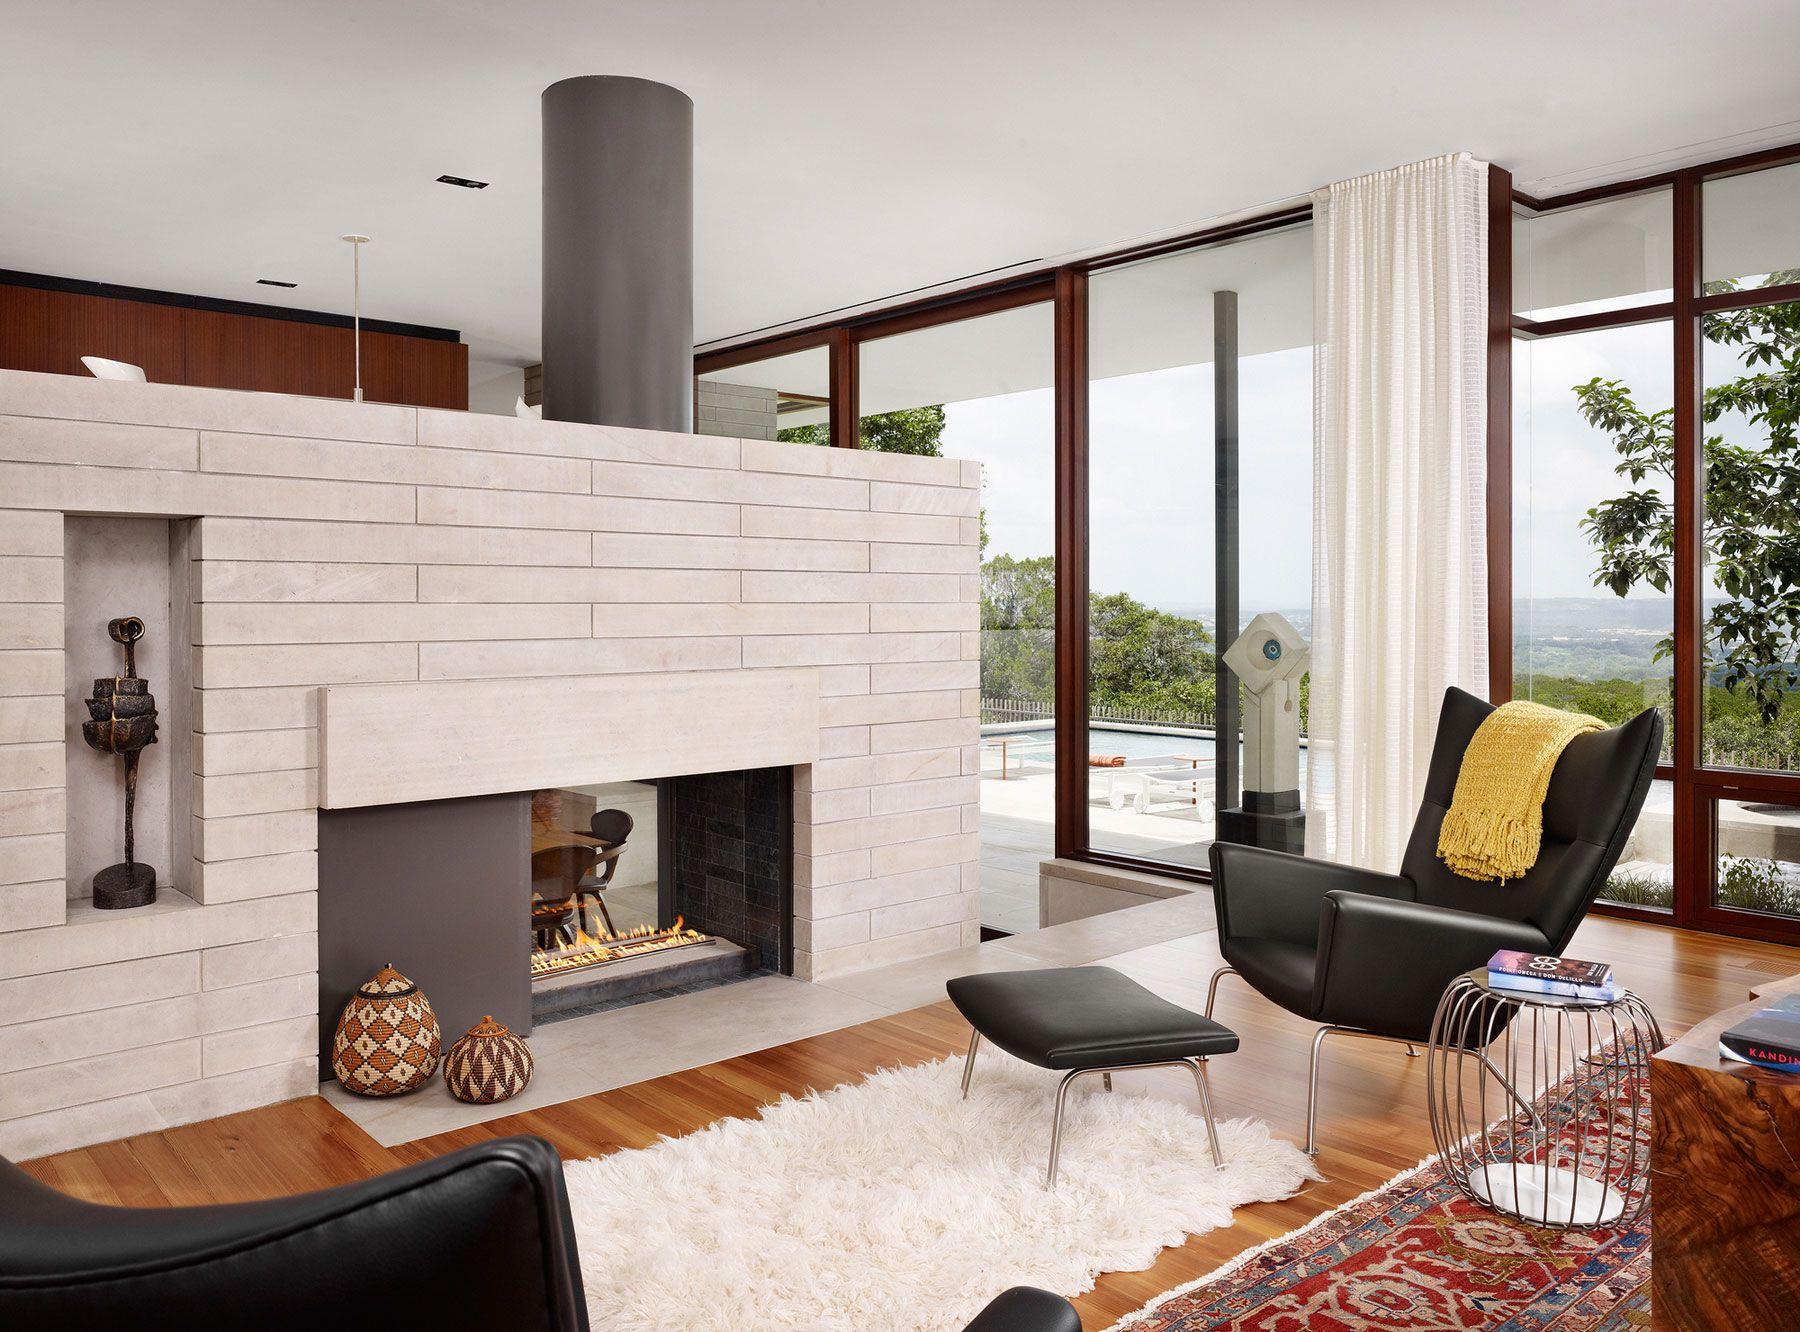 Lake-View-Residence-13